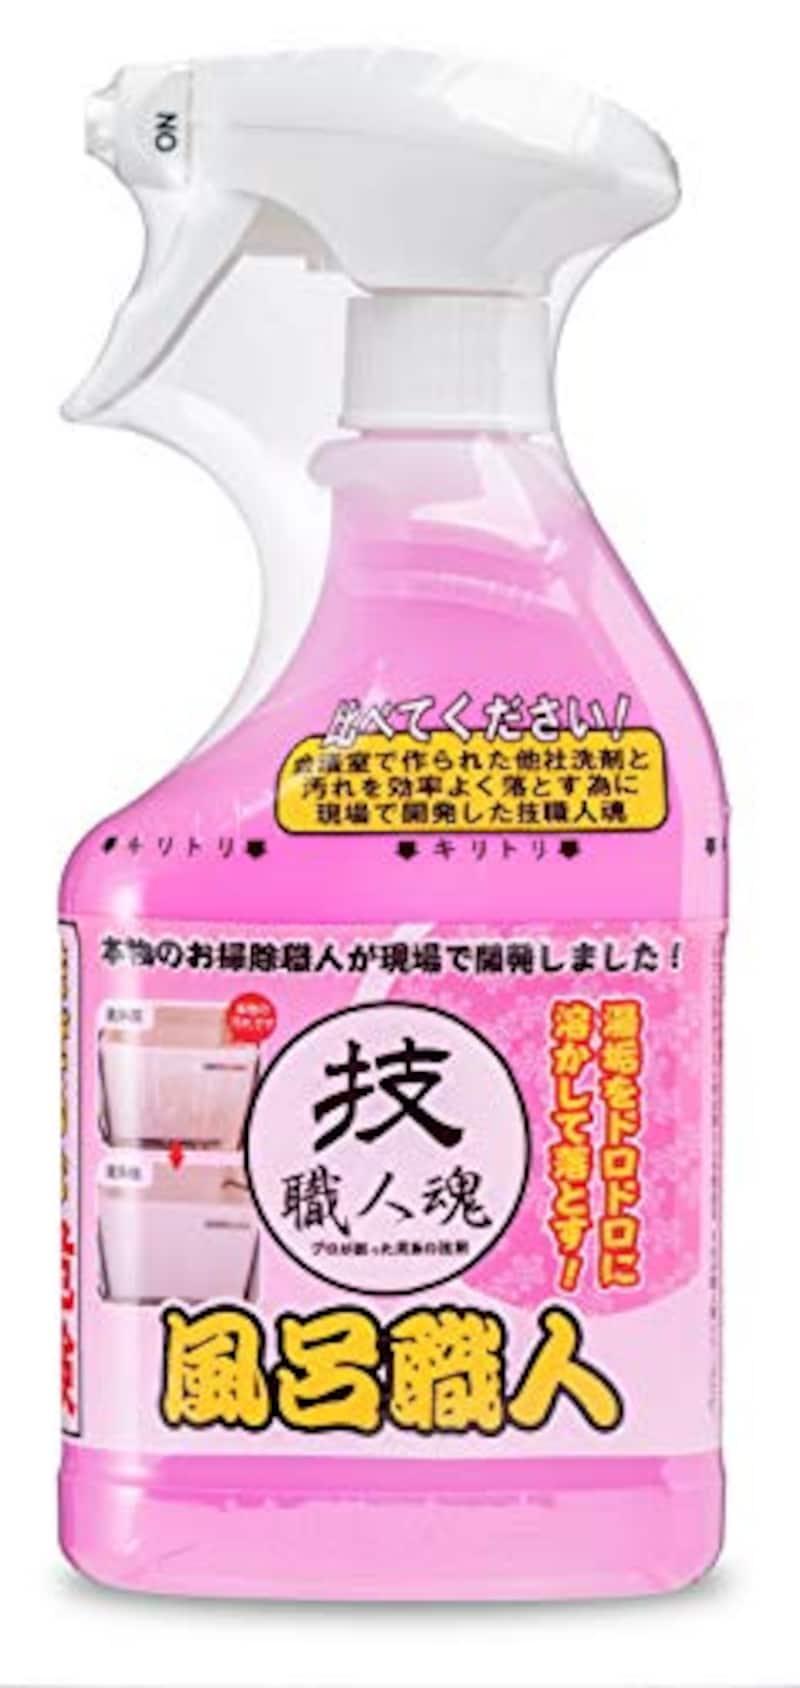 技・職人魂,風呂職人 業務用風呂洗剤